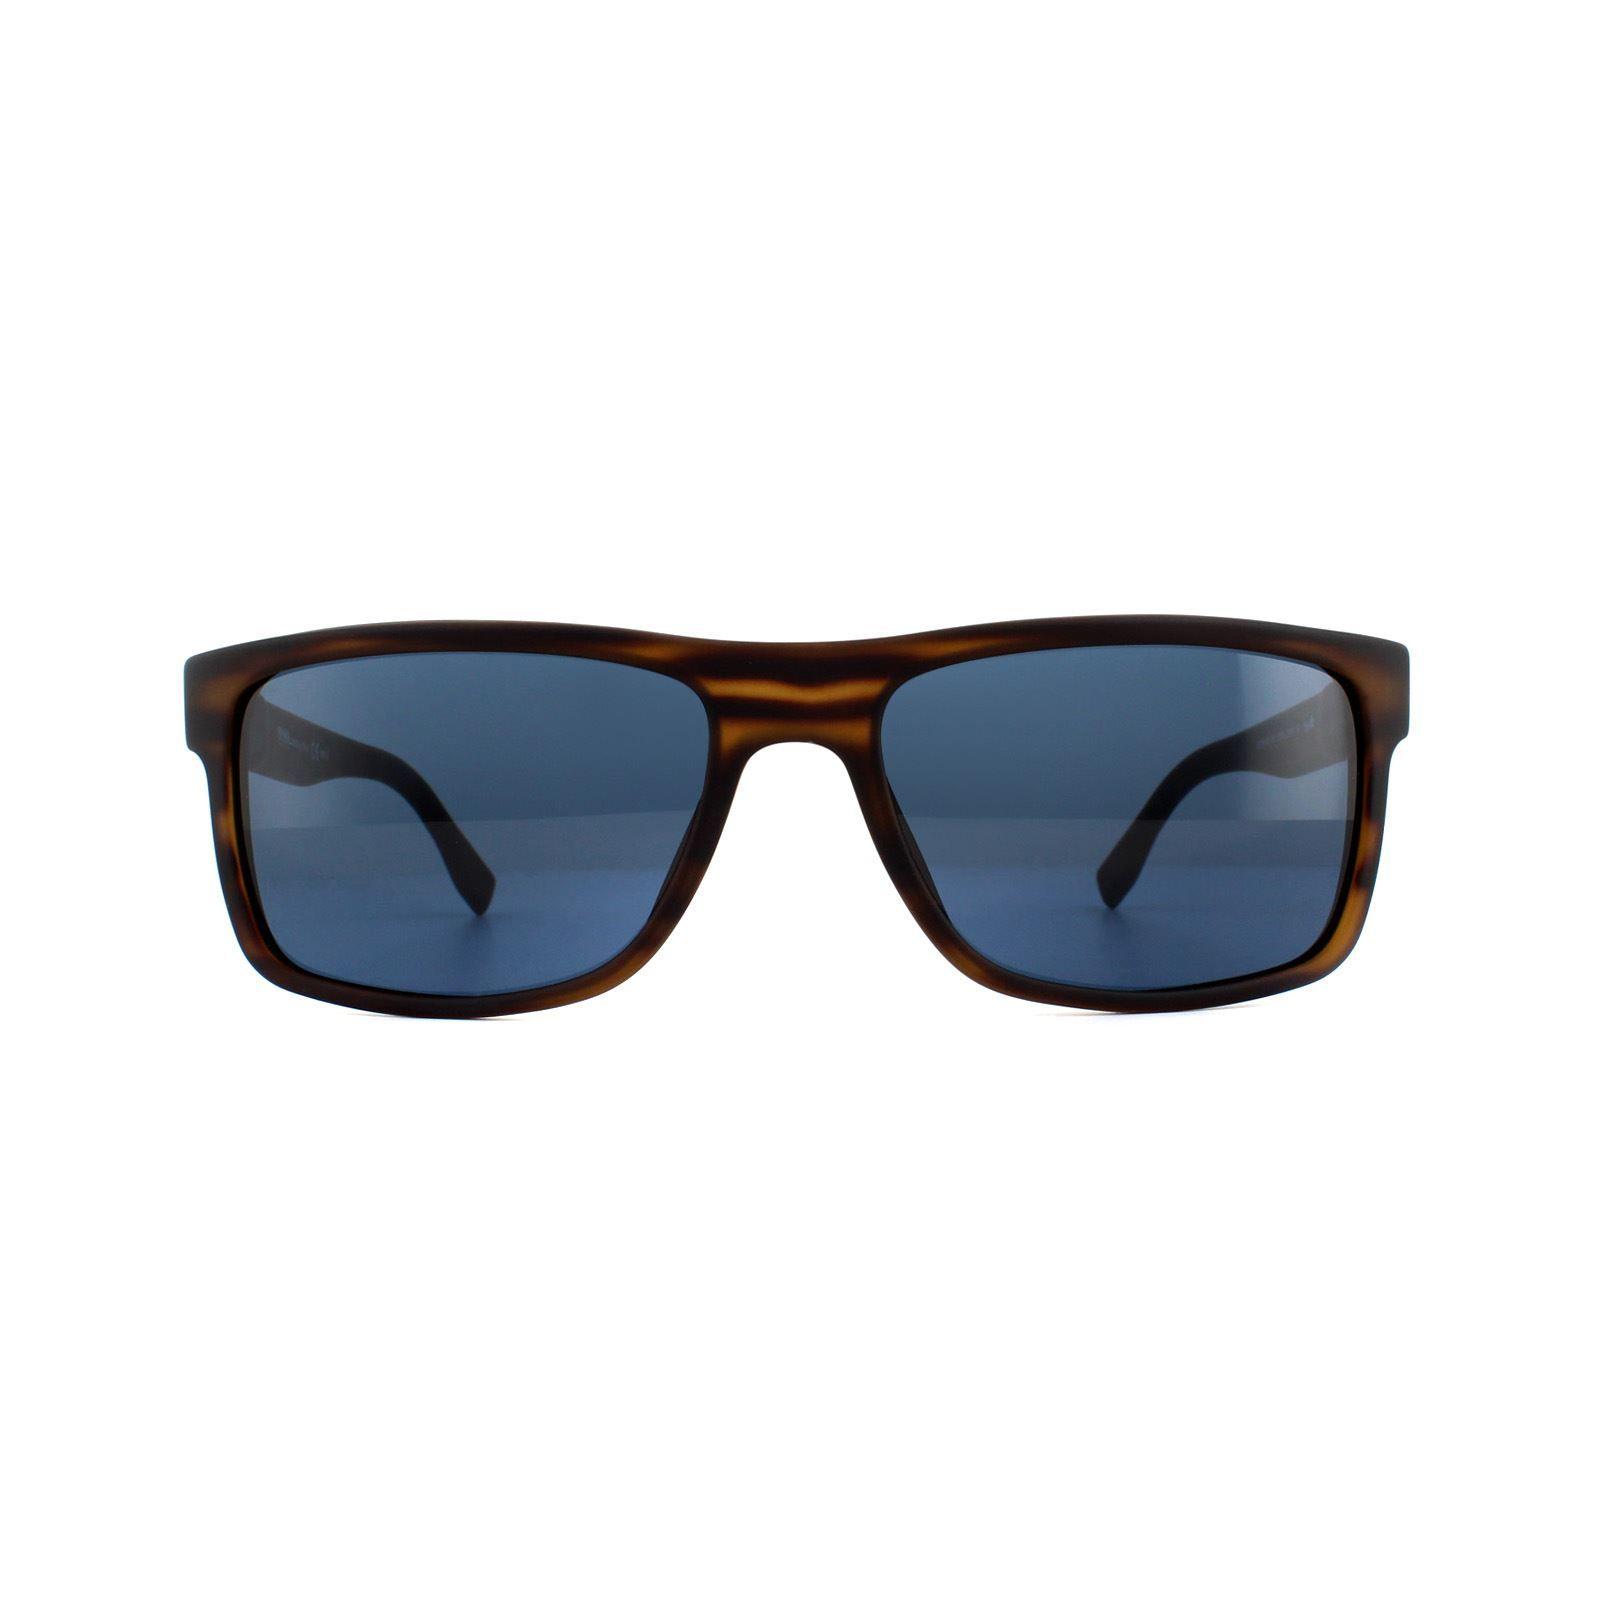 Hugo Boss Sunglasses 0919/S 2Q7 KU Brown Horn Blue